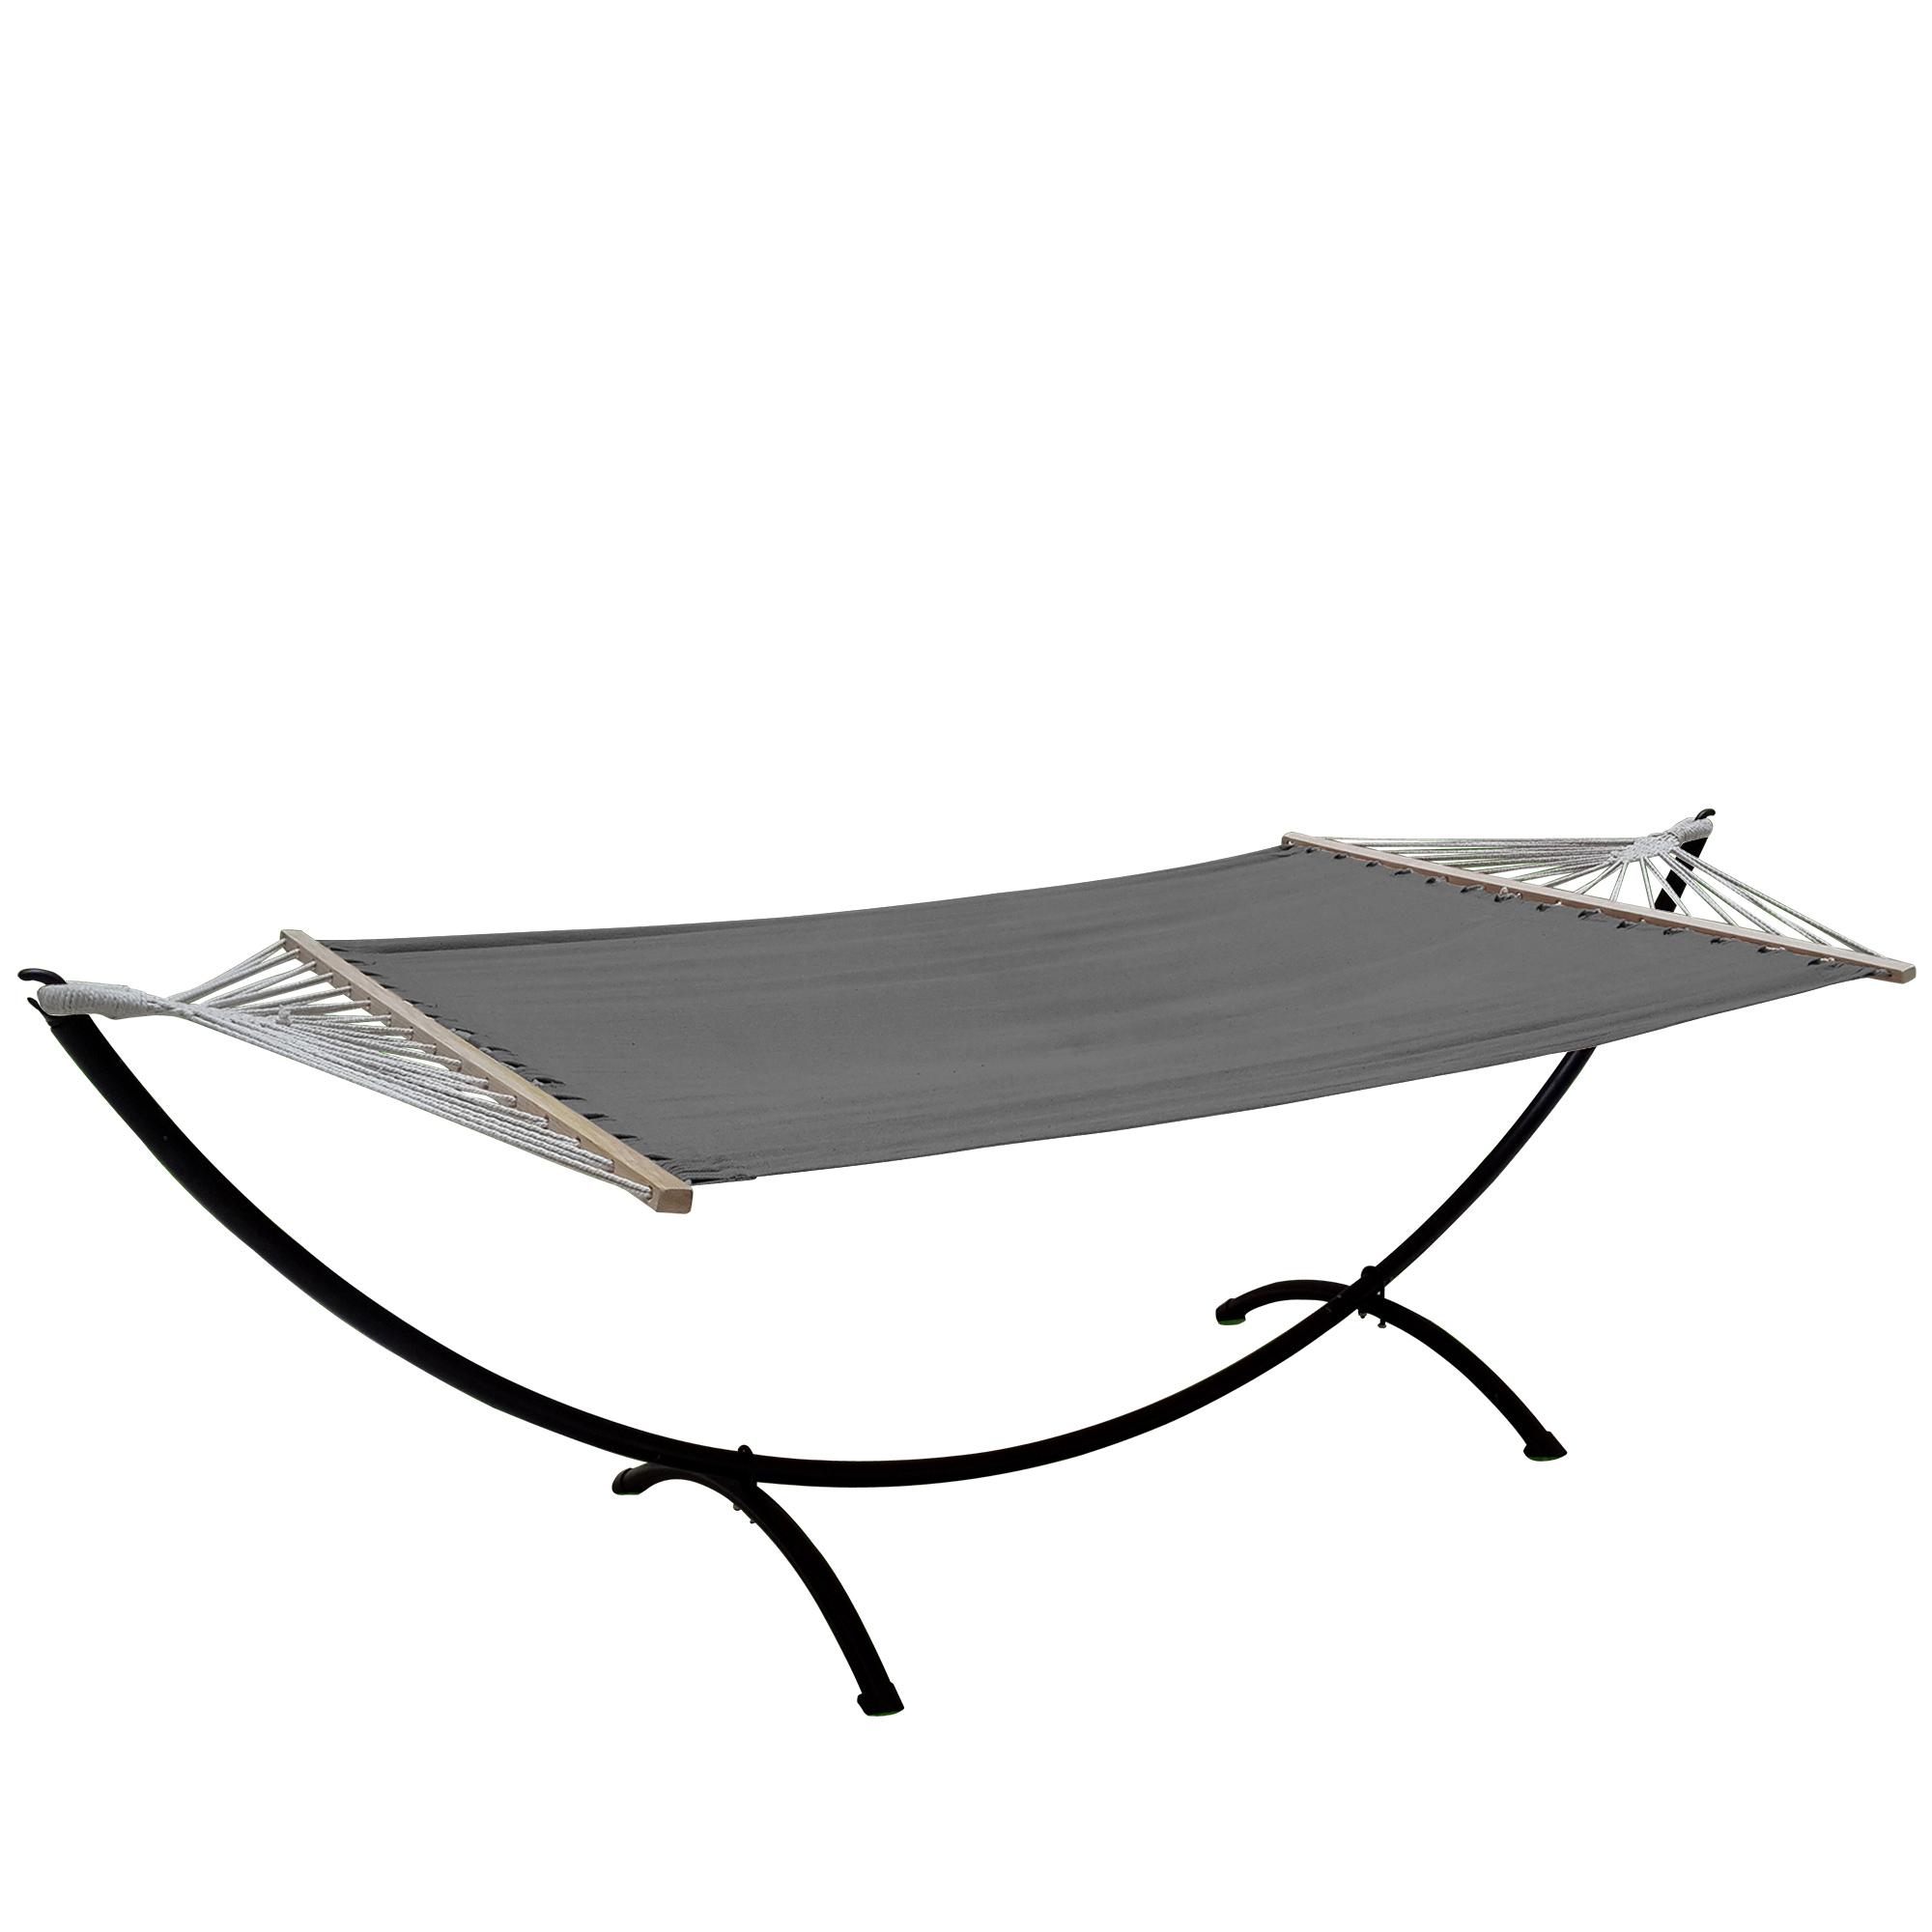 xxl mehrpersonen h ngematte 200kg grau. Black Bedroom Furniture Sets. Home Design Ideas